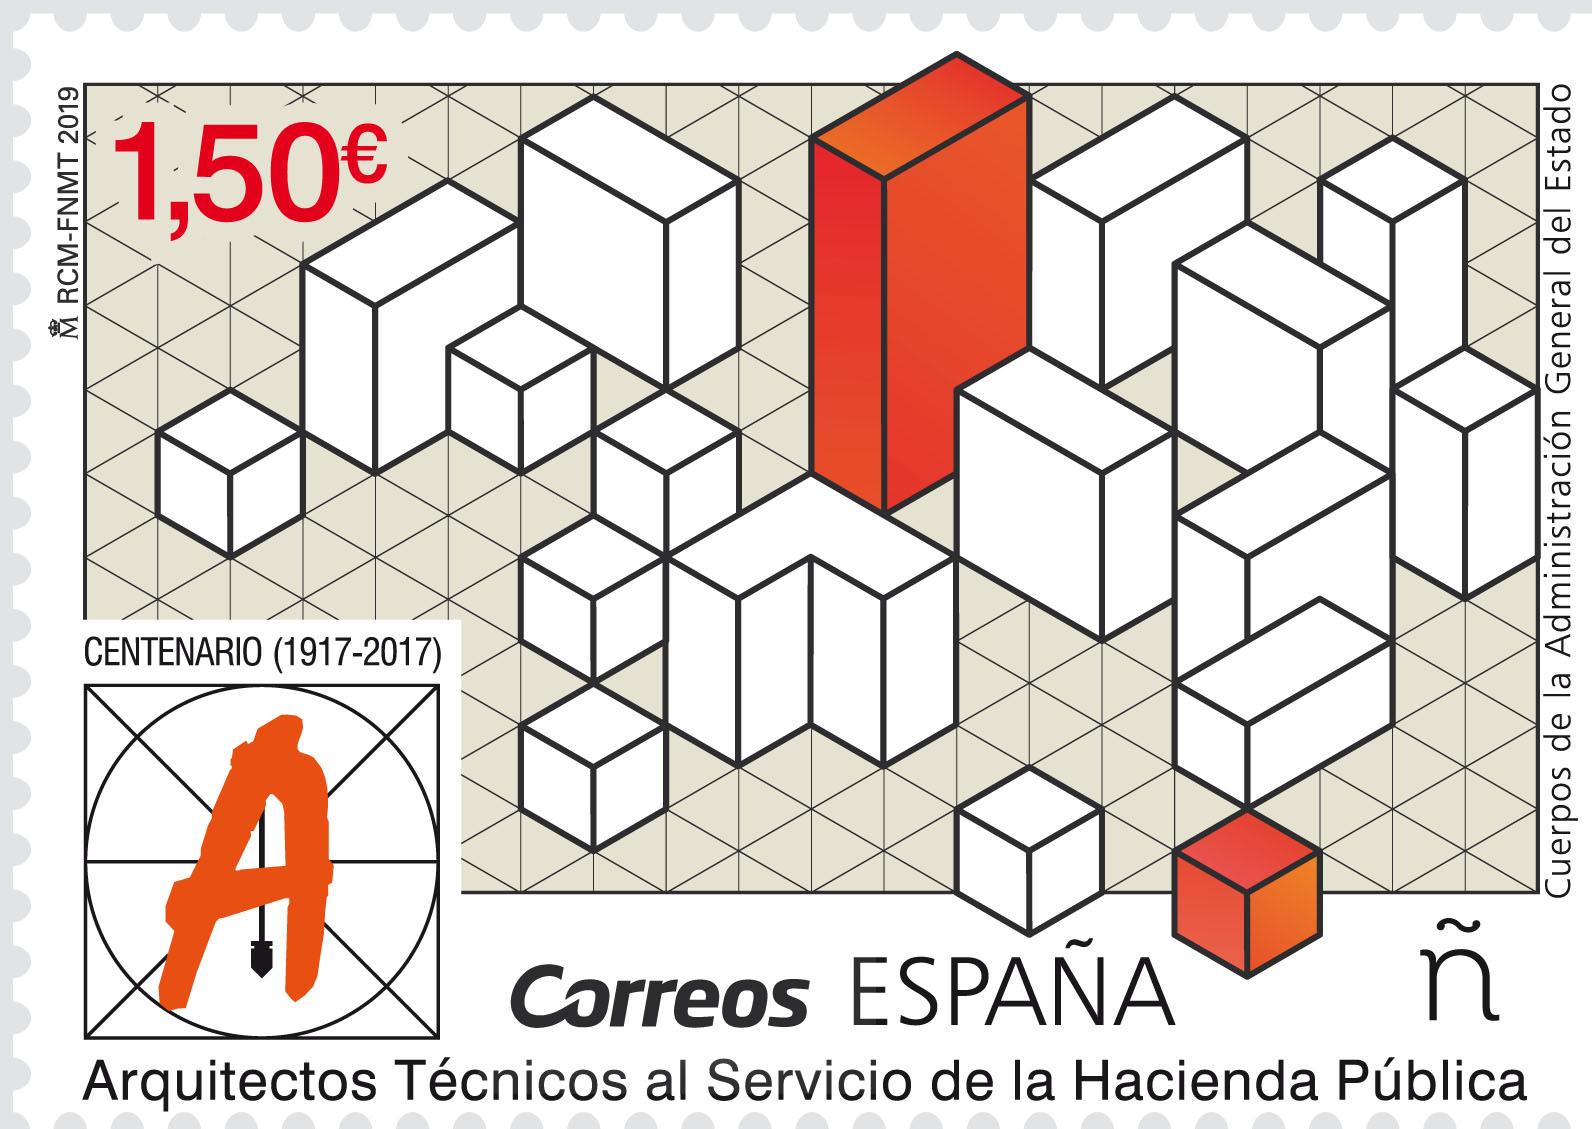 Cuerpo Arquitectos Técnicos Hacienda Pública